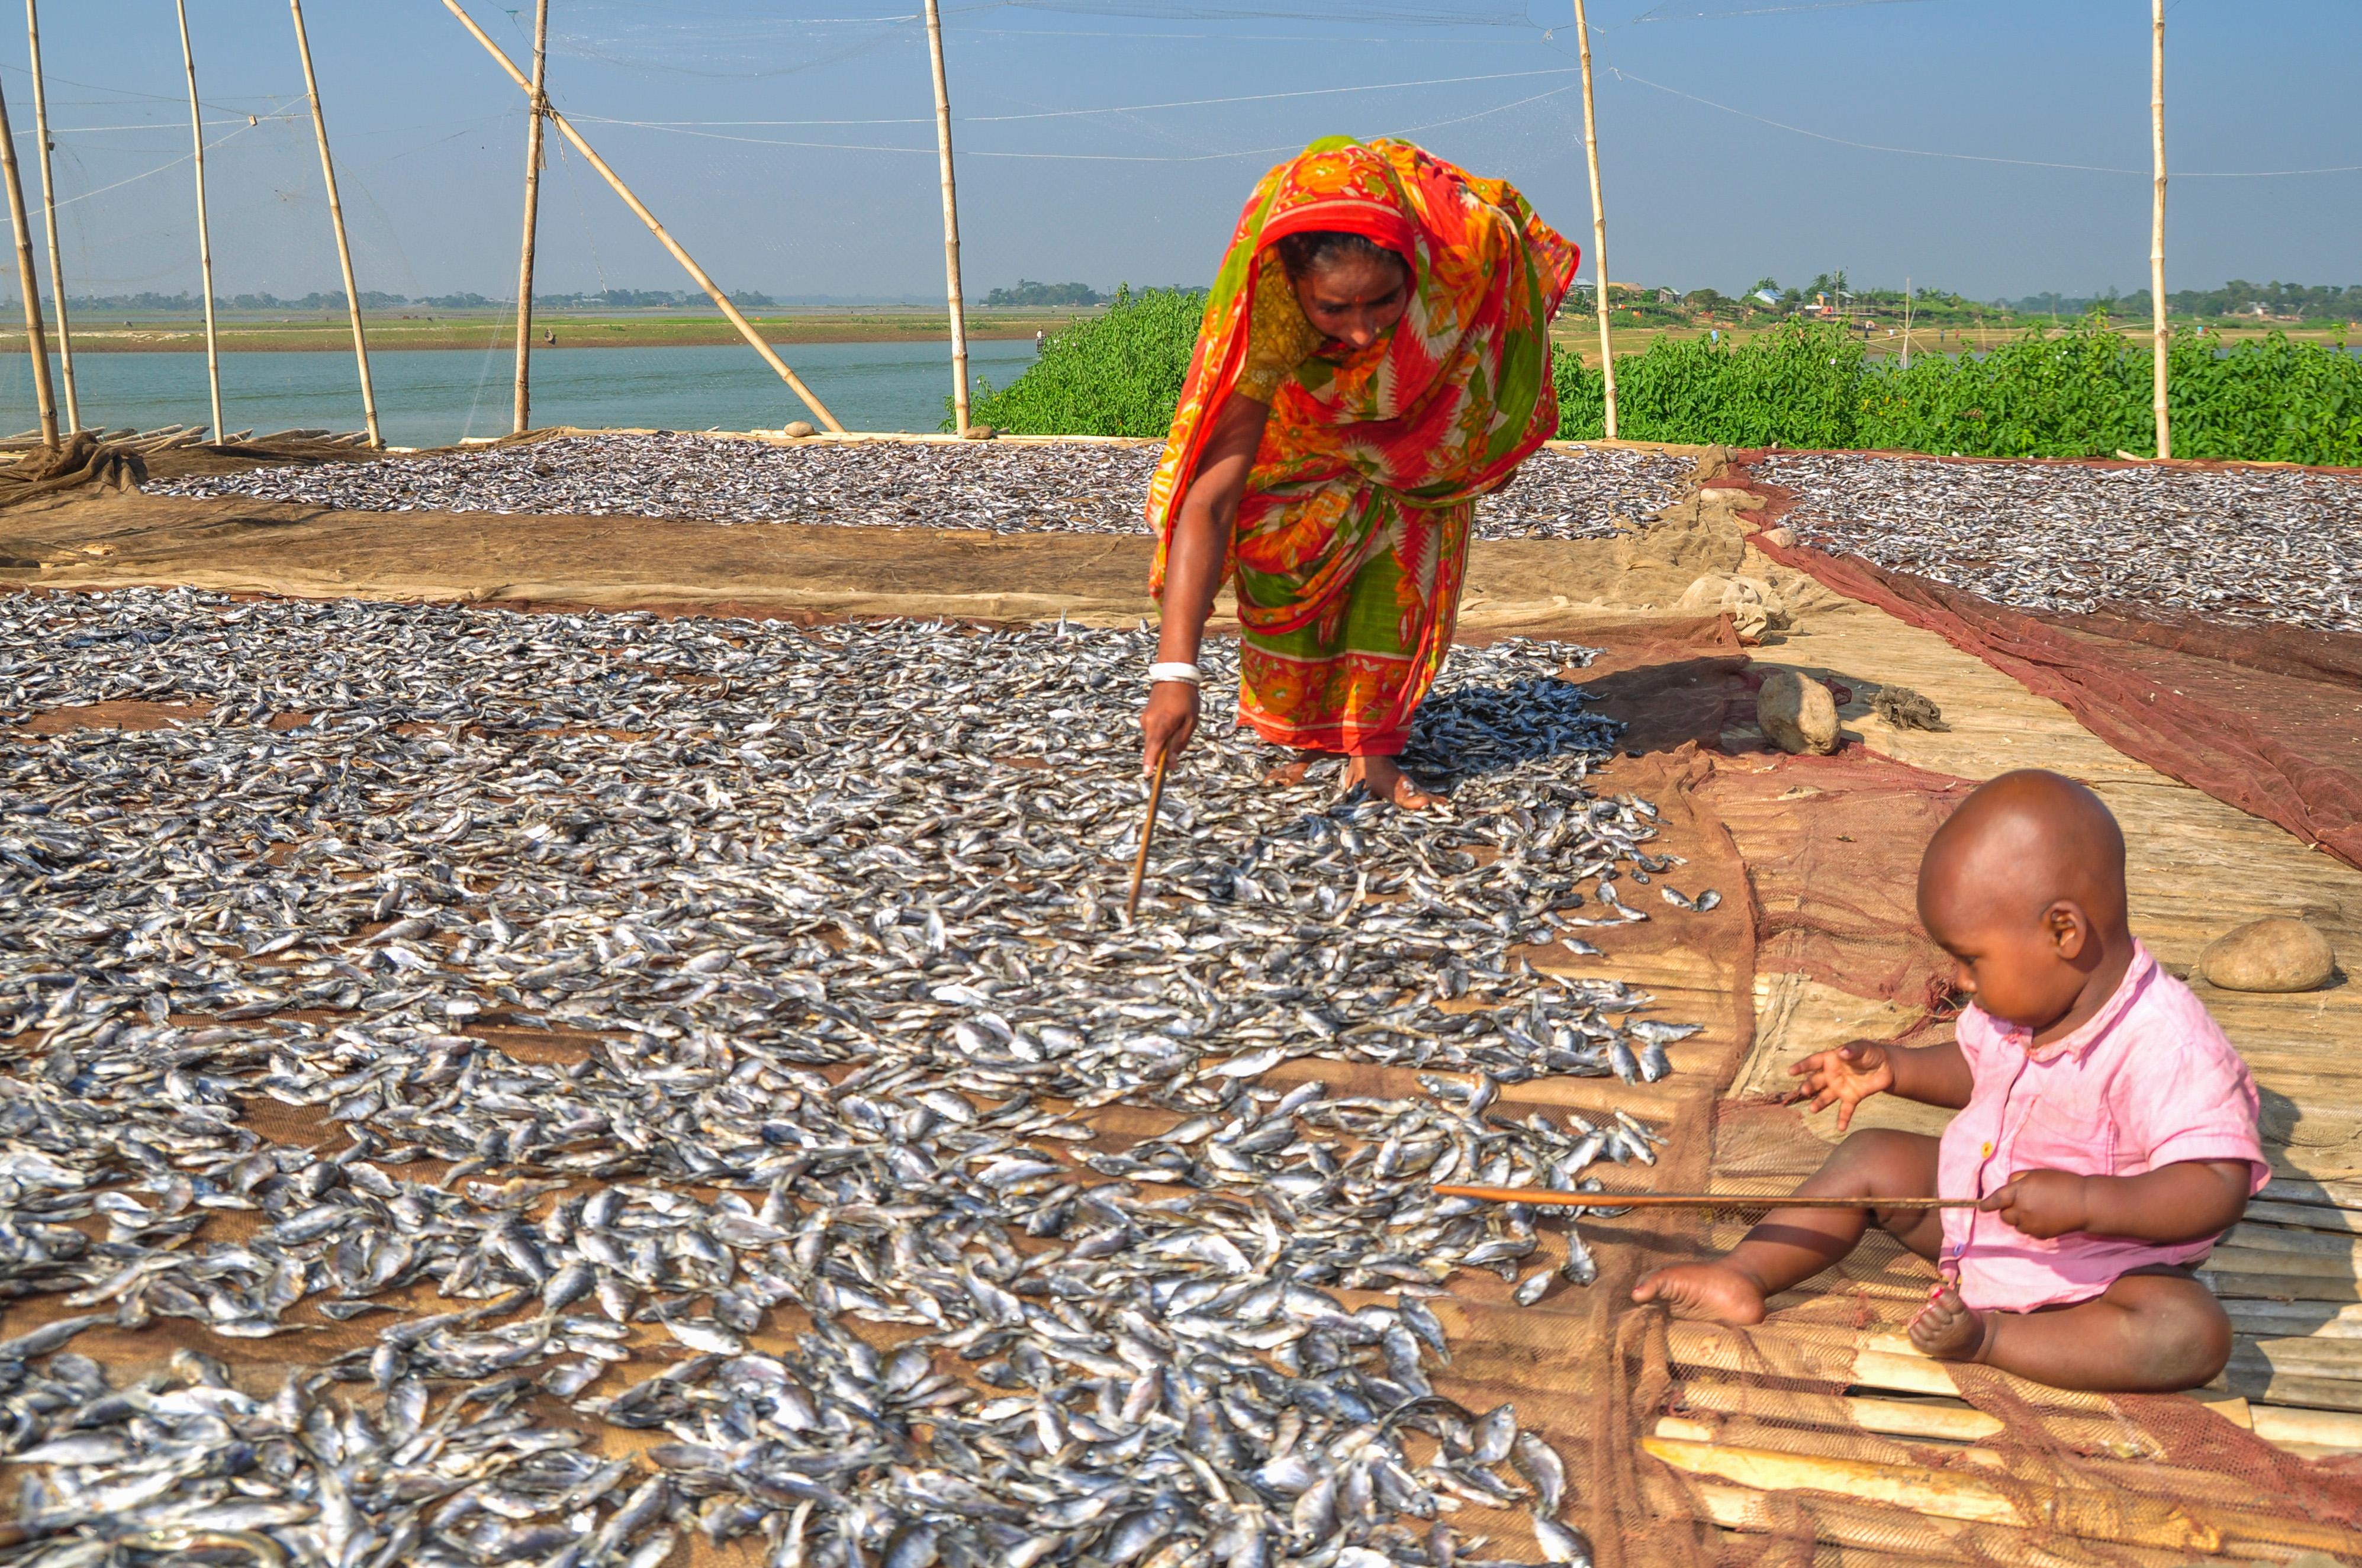 امرأة تجفف سمكا على حصيرة بينما يراقبها طفل (Flickr/USAID/WorldFish Bangladesh/Balaram Mahalder)